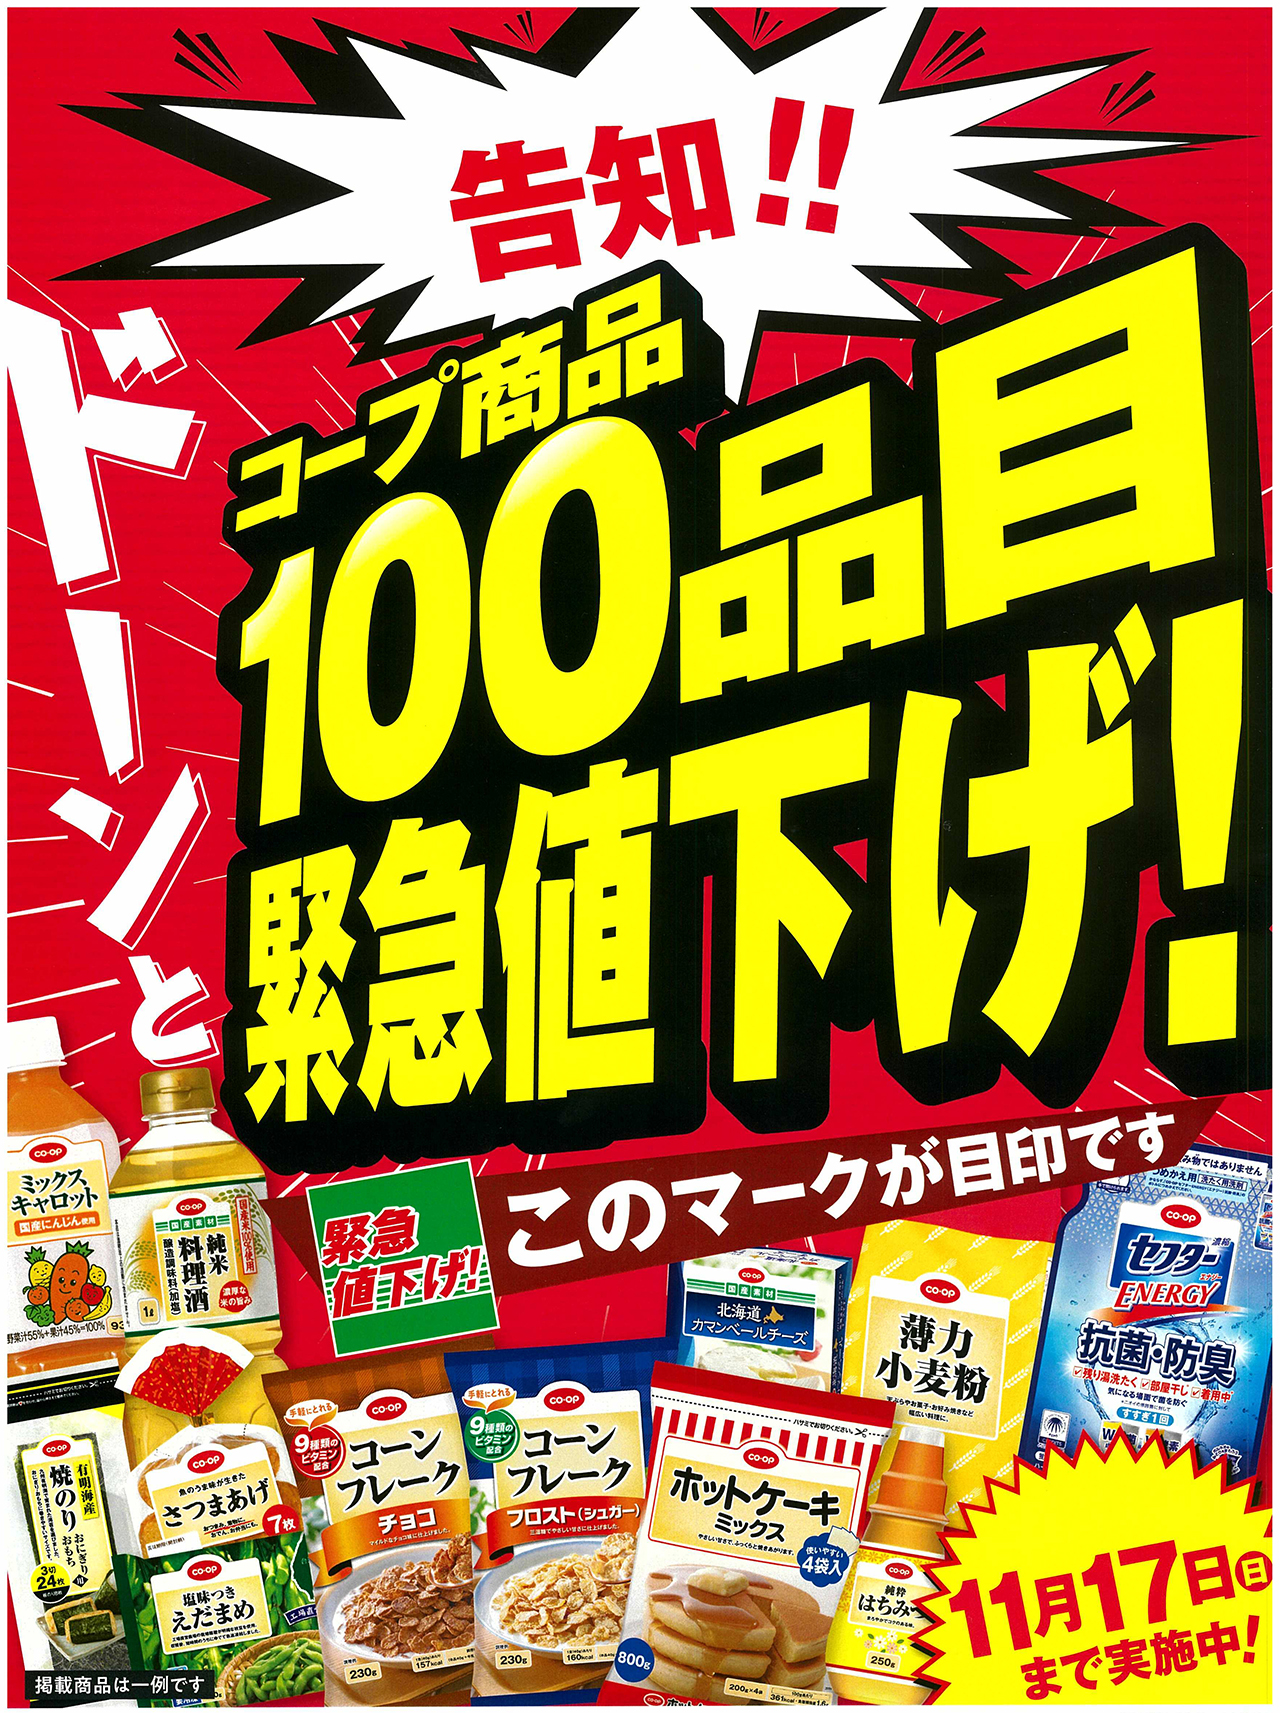 告知!!コープ商品ドーンと100品目緊急値下げ!